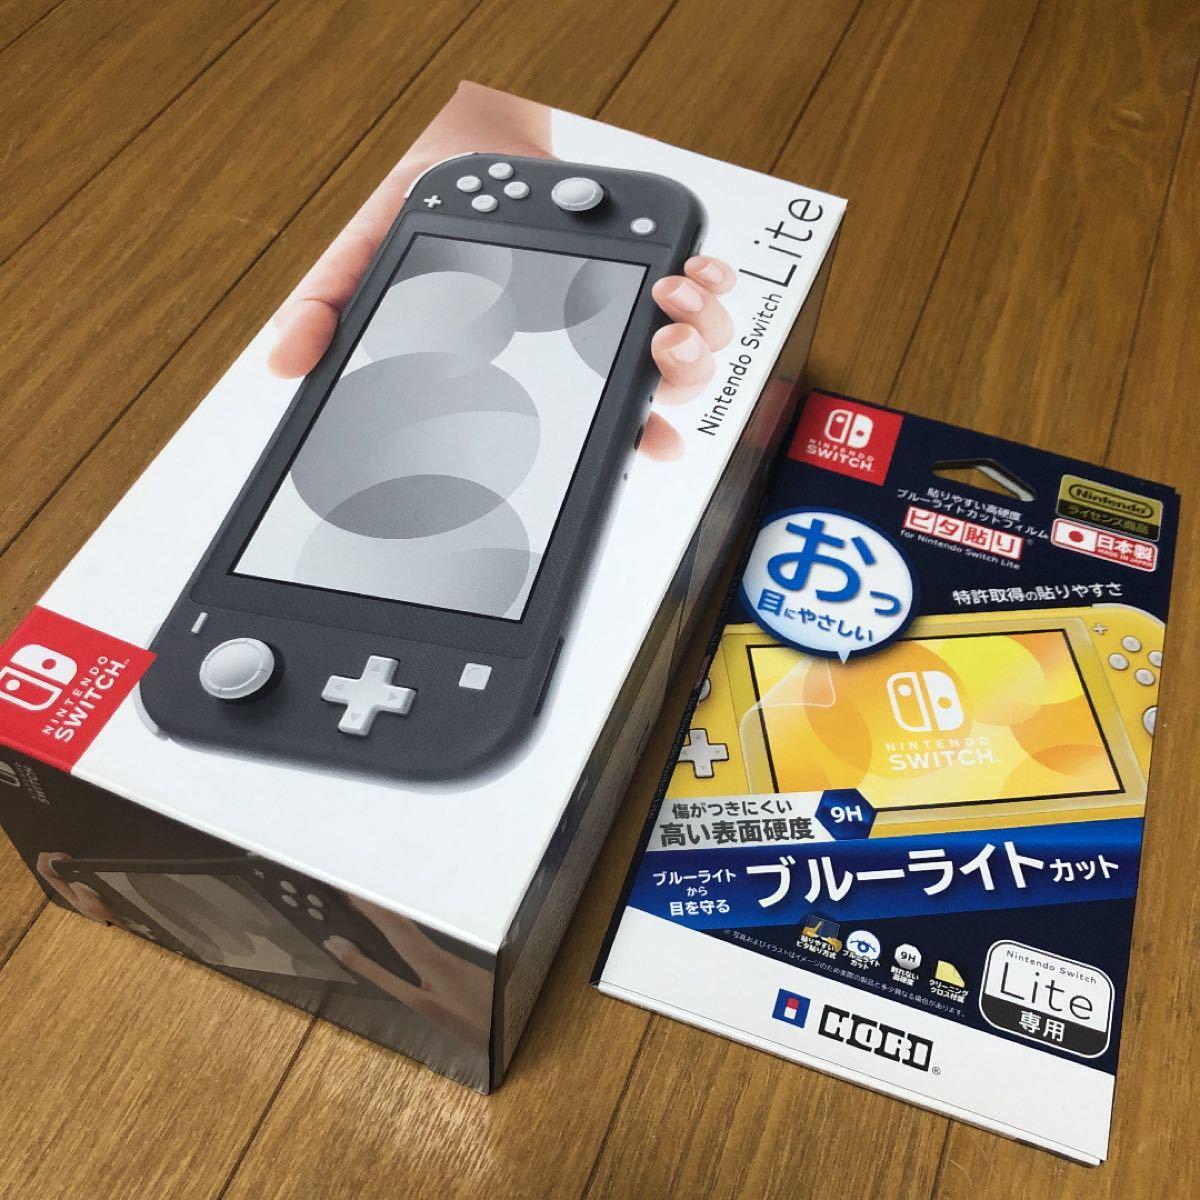 即決! 送料無料 新品未使用 任天堂 ニンテンドースイッチ ライト グレー 本体 Nintendo Switch lite